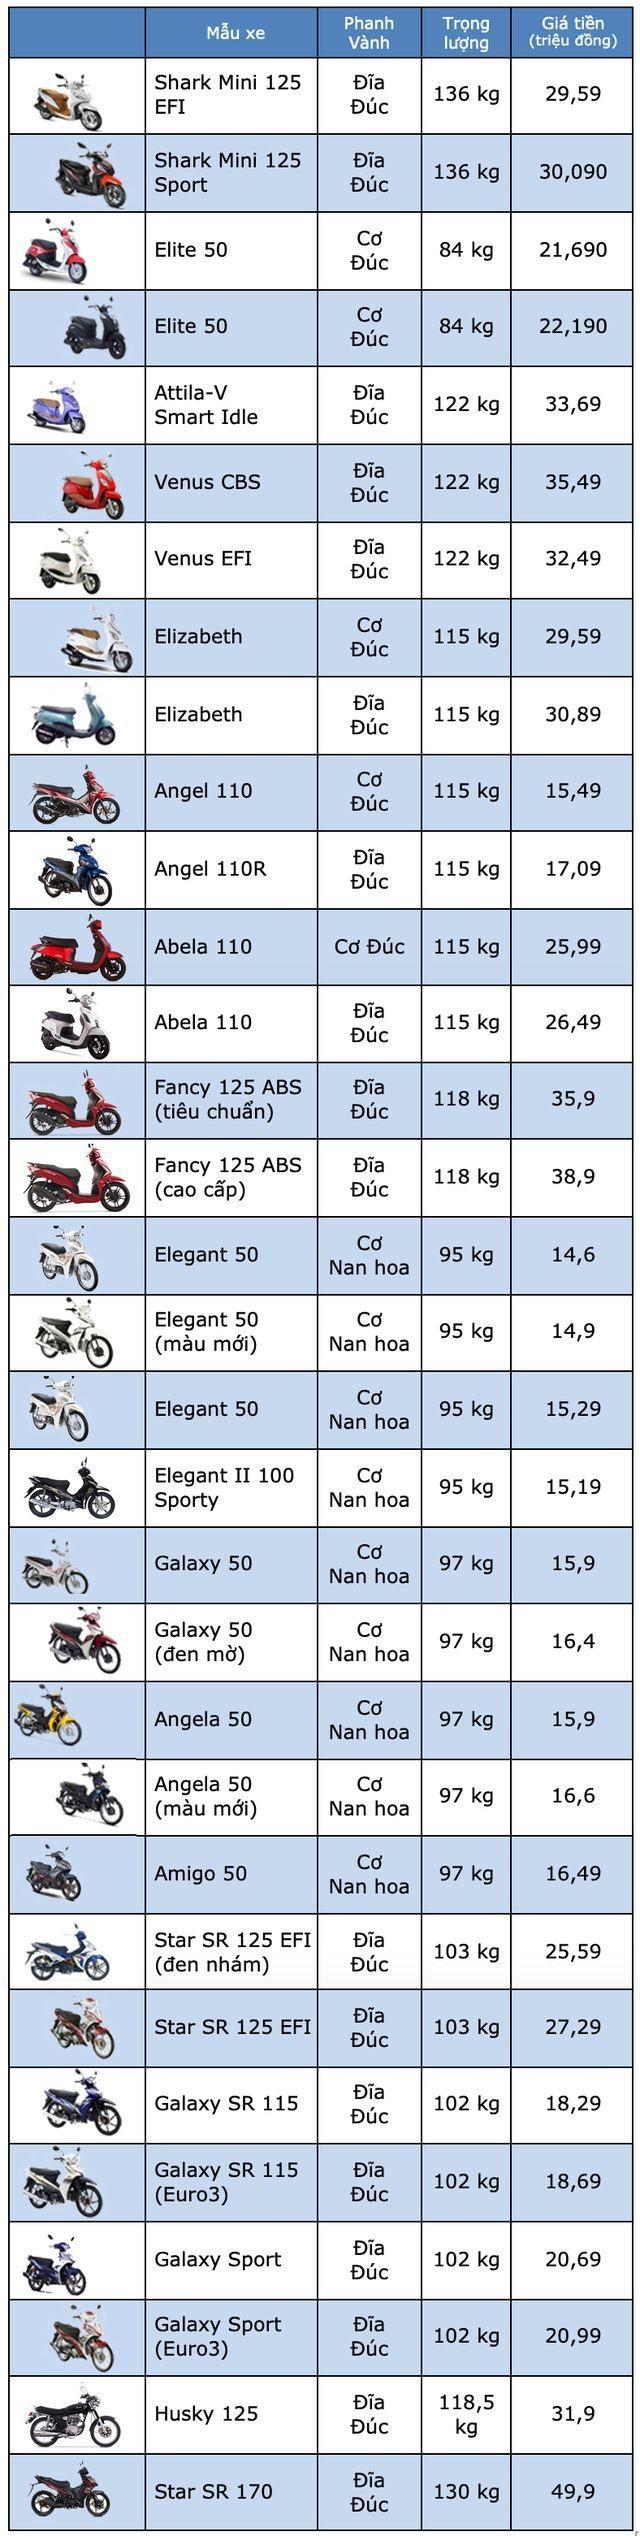 Bảng giá SYM tại Việt Nam cập nhật tháng 7/2019 - 1